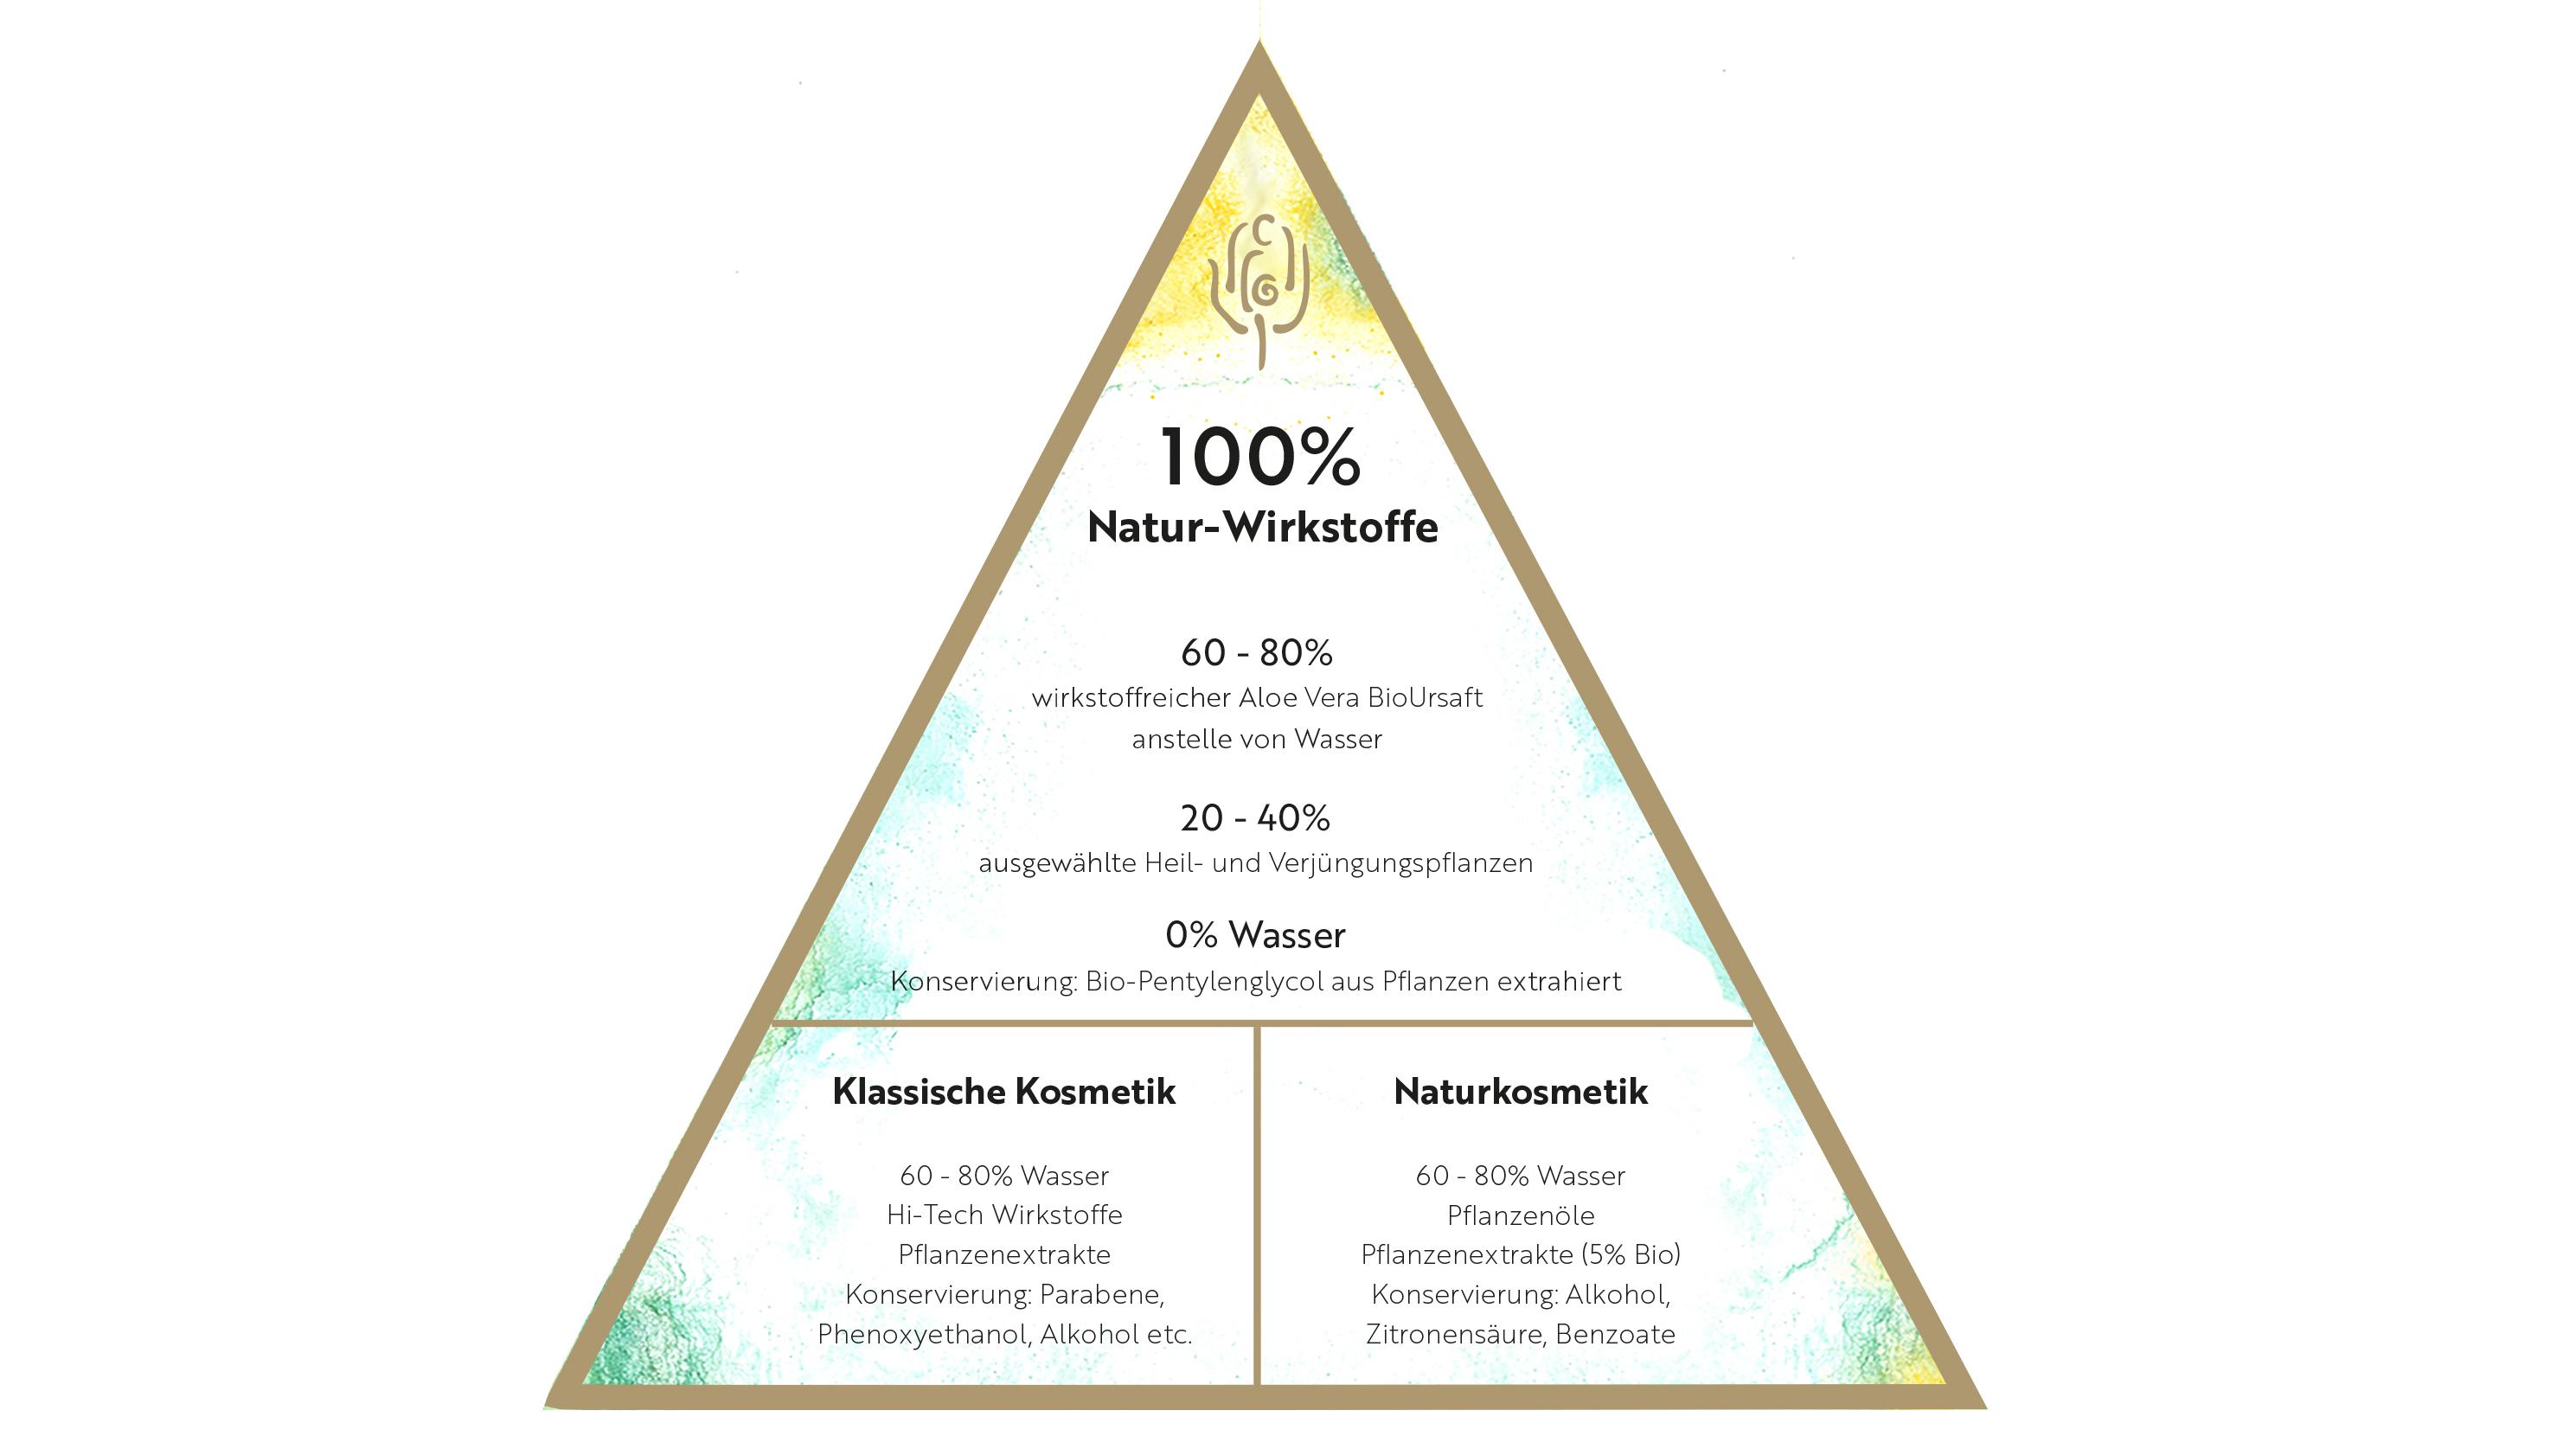 PharmosNatur Pyramide: 100% Natur-Wirkstoffe im Vergleich zu klassischer und anderer Naturkosmetik